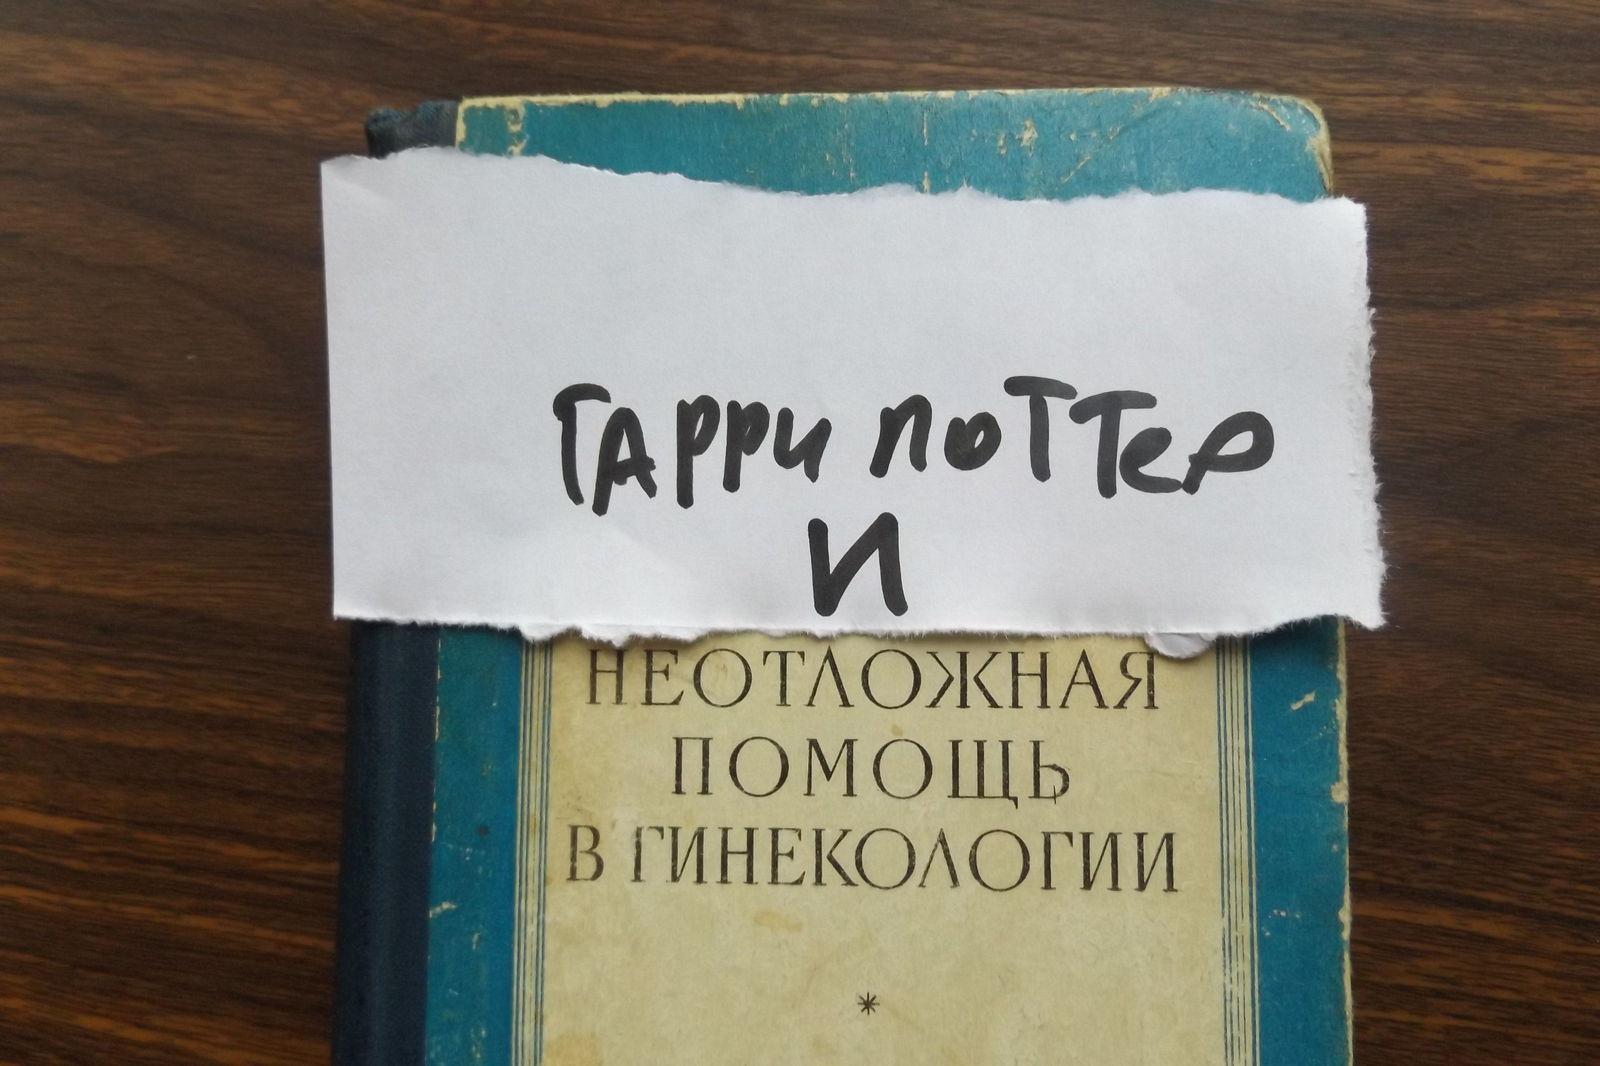 Гарри Поттер и трудности перевода: РОСМЭН и МАХАОН против оригинала - 11